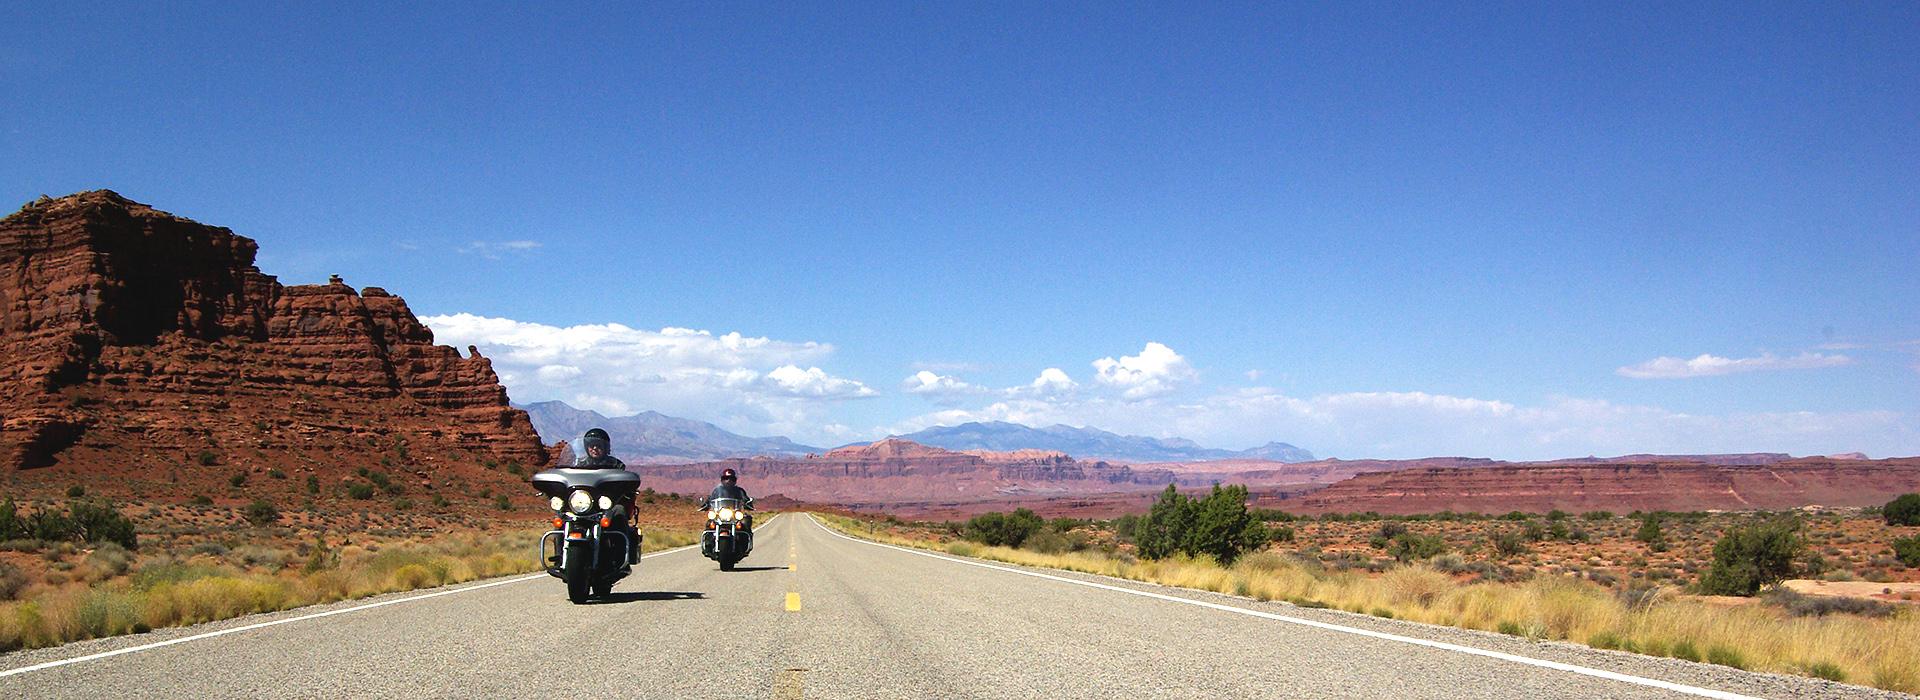 Travel 2 Explore motorreizen oof voor maatwerk en motorreizen individueel georganiseerd